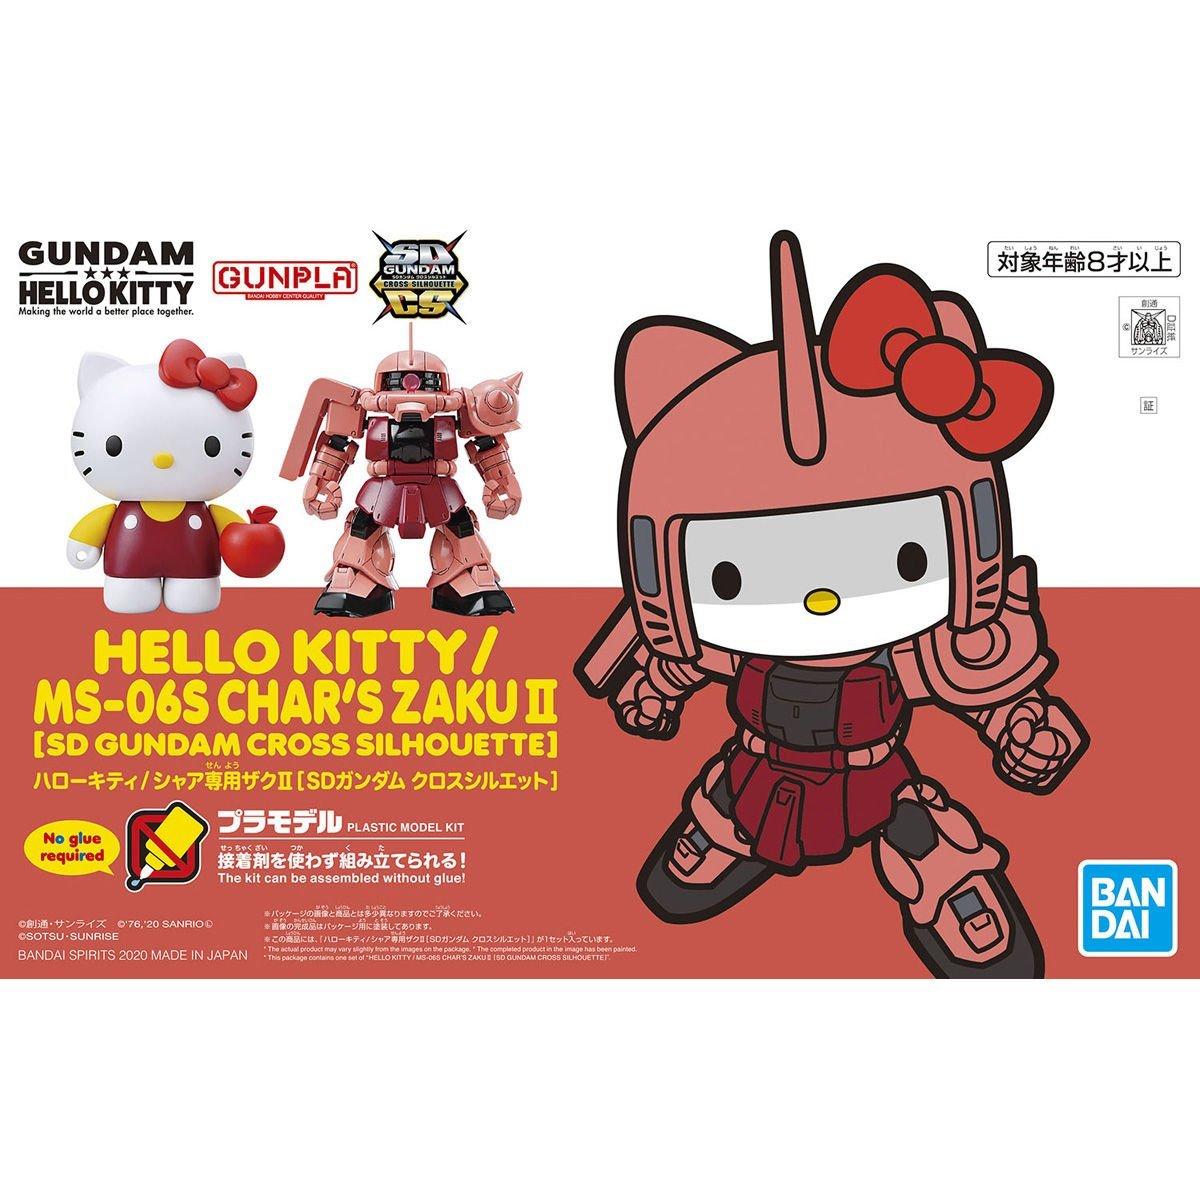 鋼彈gundam組合模型 HELLO KITTY / 夏亞專用薩克II (SD鋼彈 CROSS SILHOUETTE)